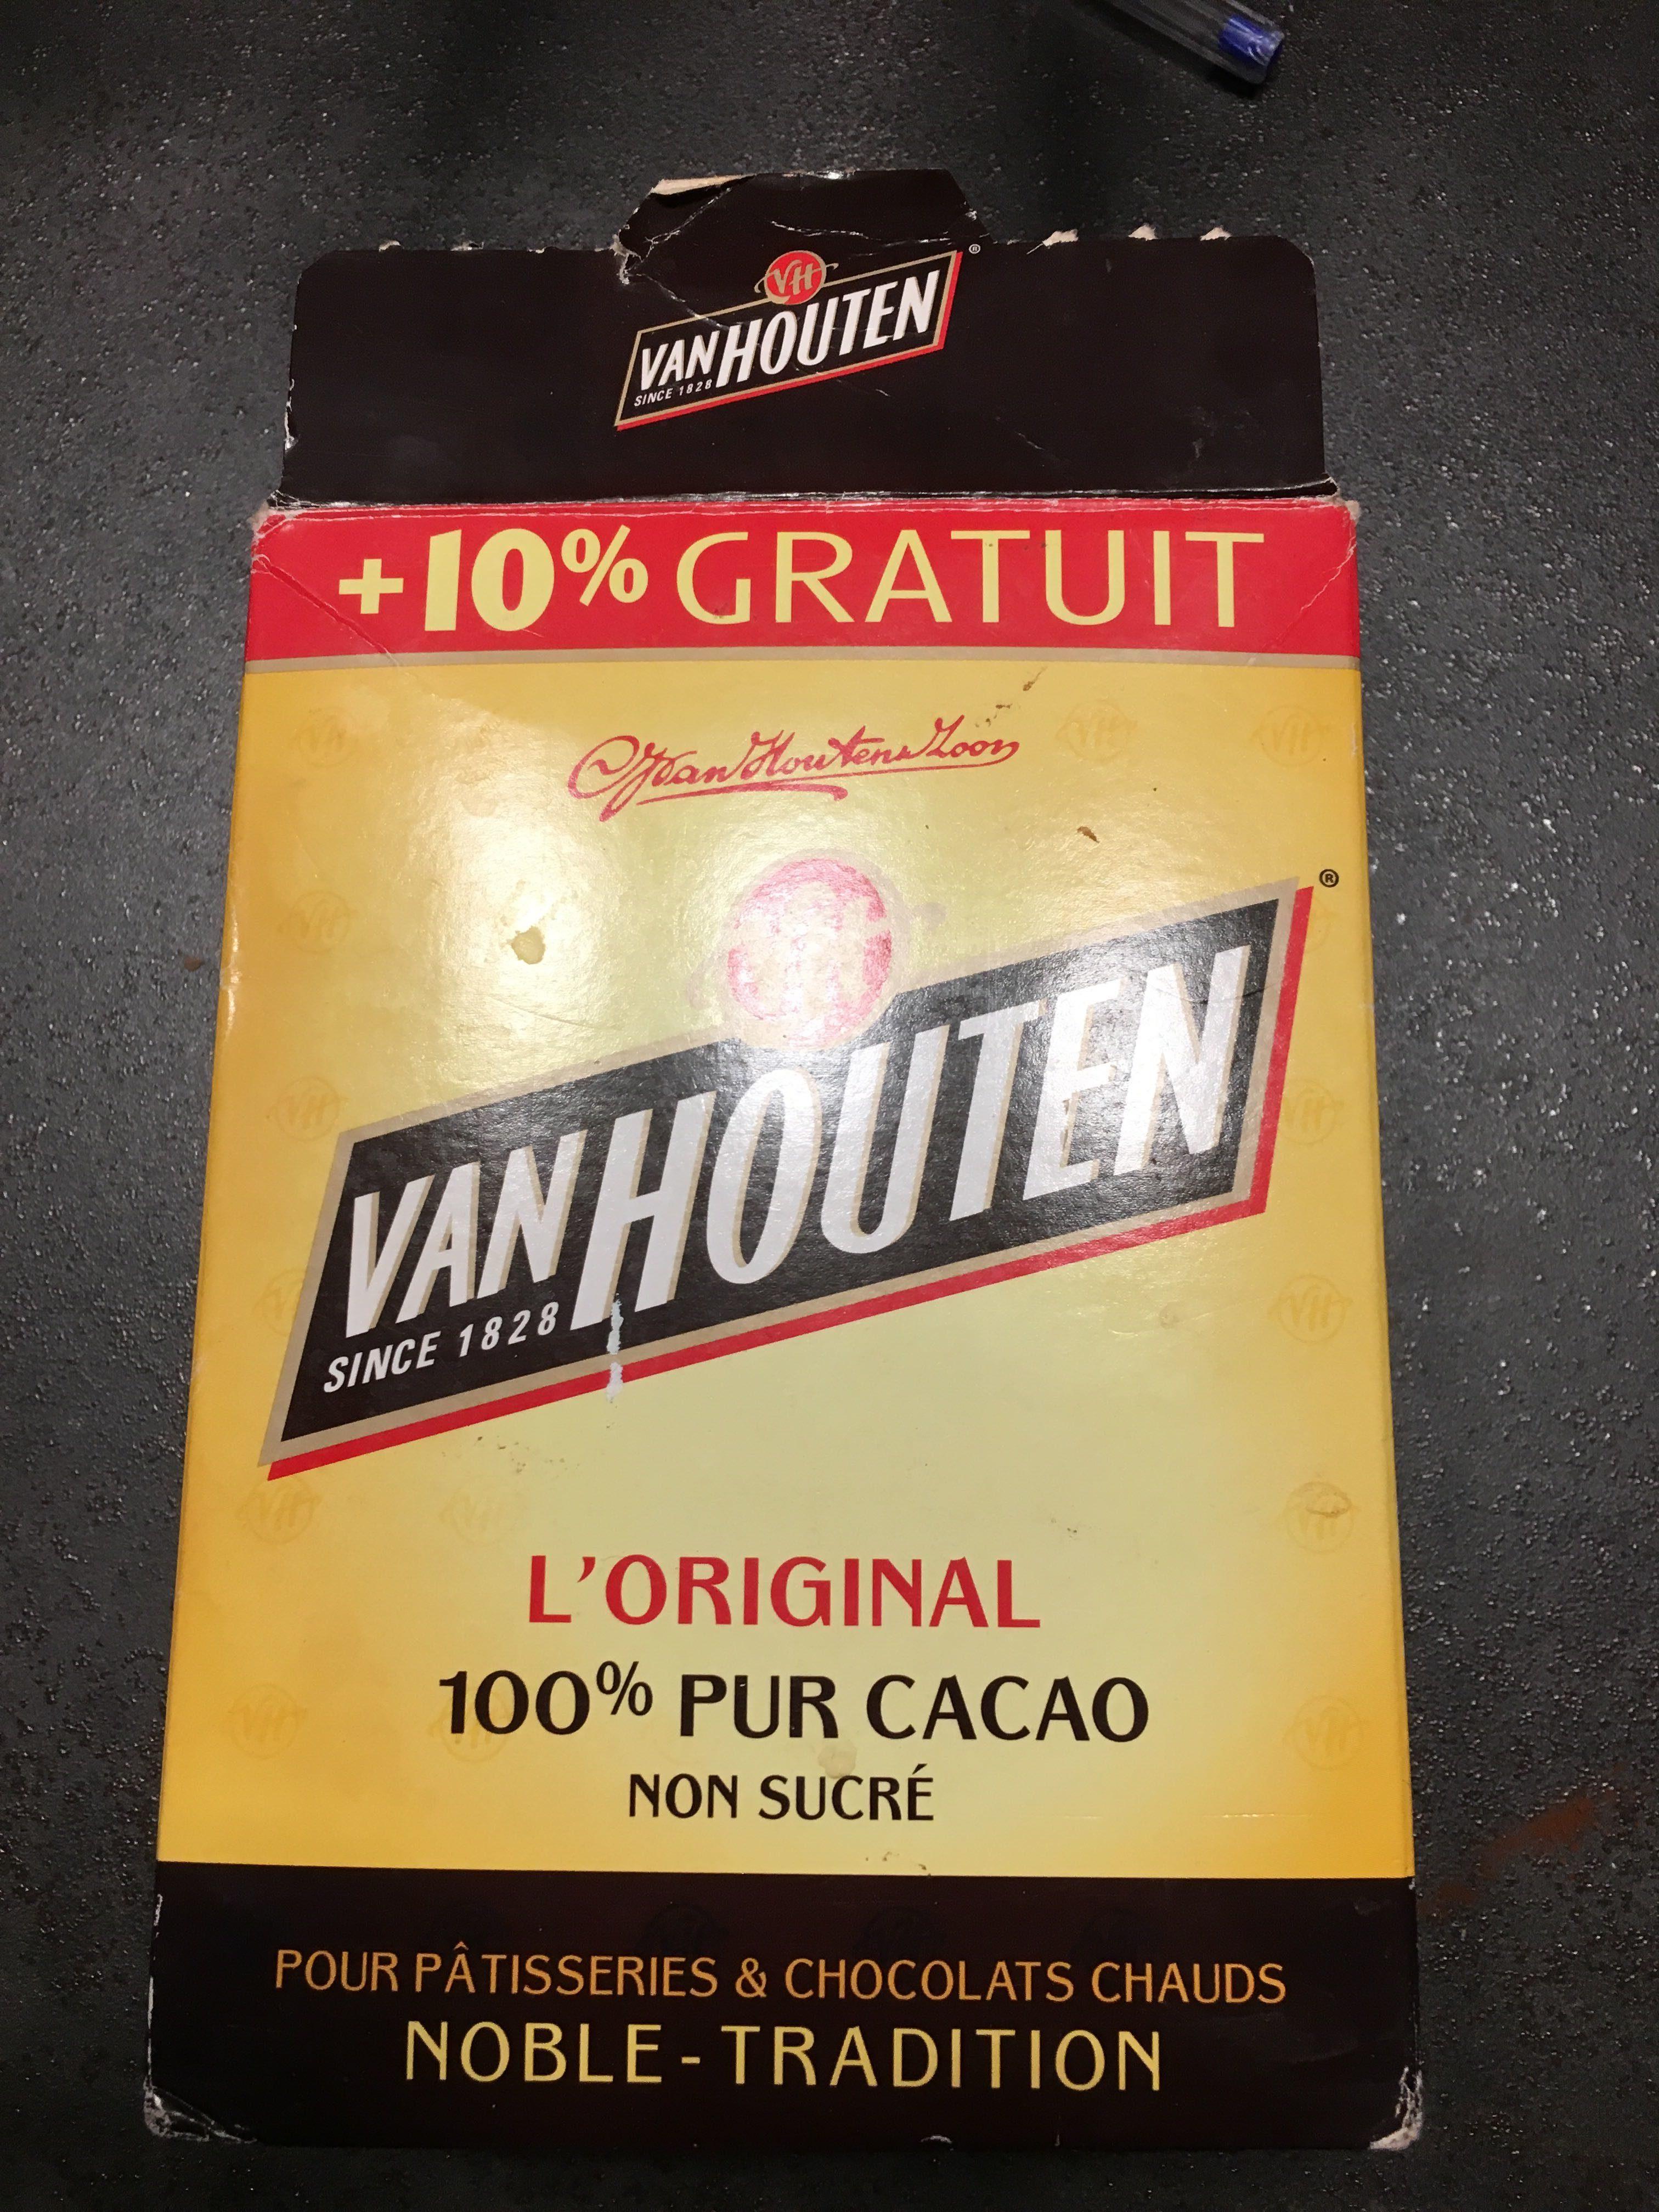 L'original Cacao non sucré (+10% gratuit) - Produit - fr